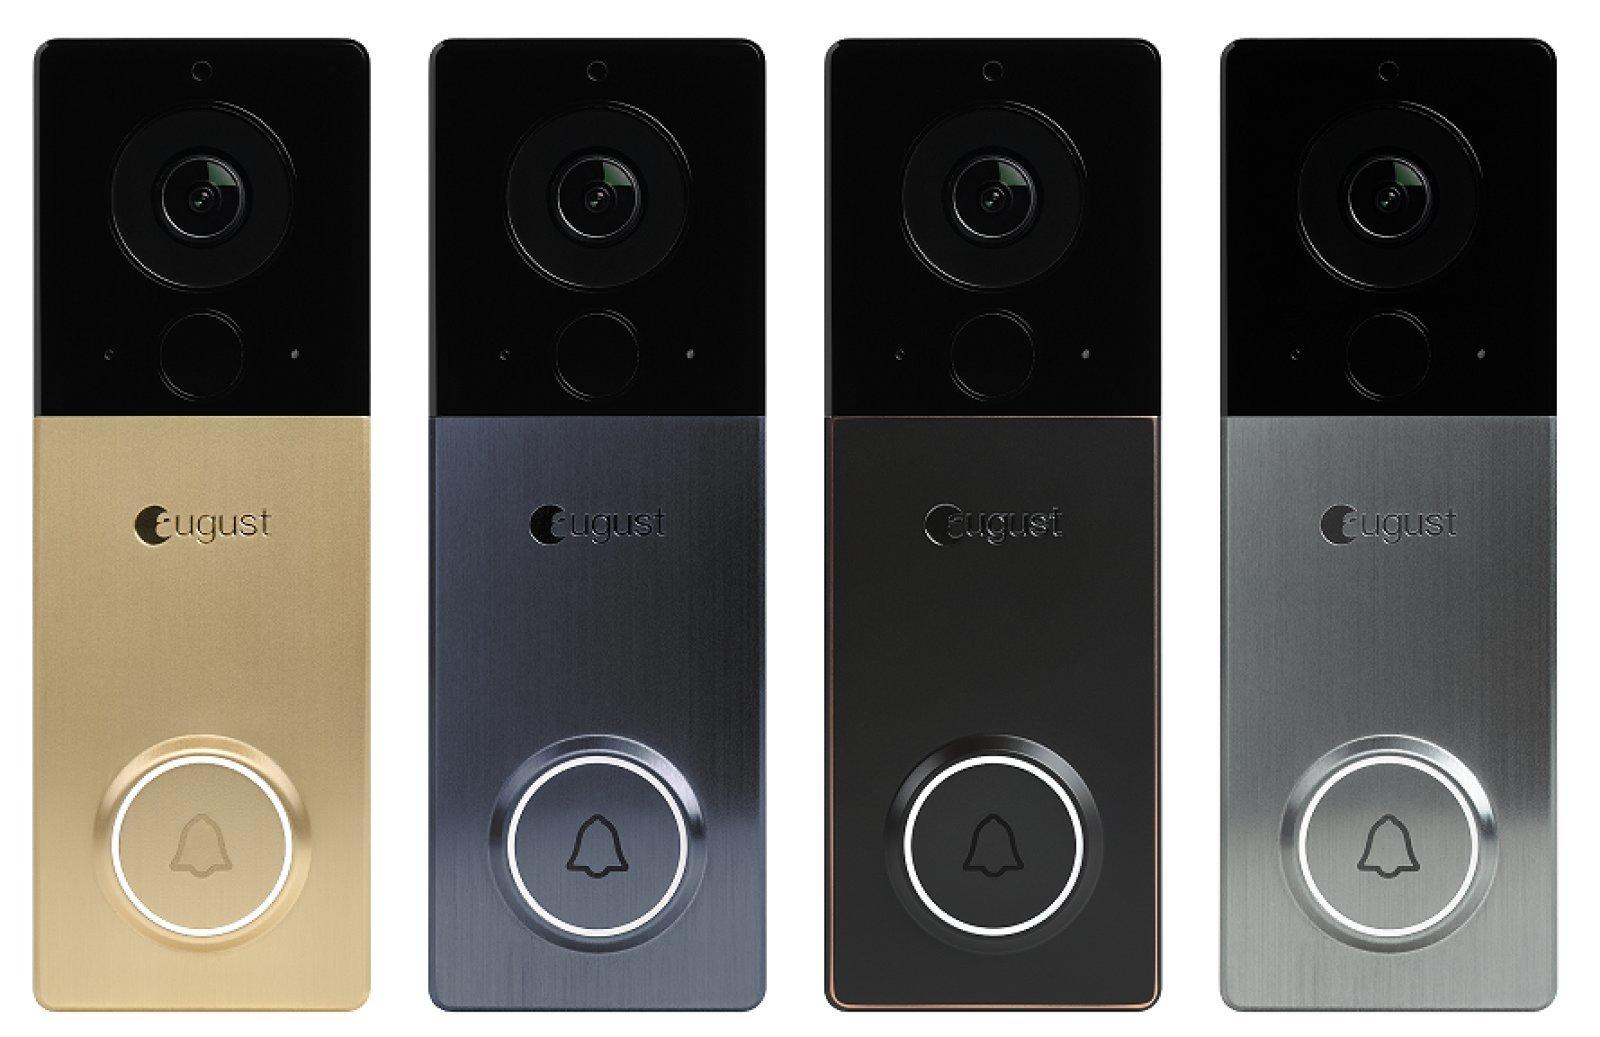 August- new smart doorbell